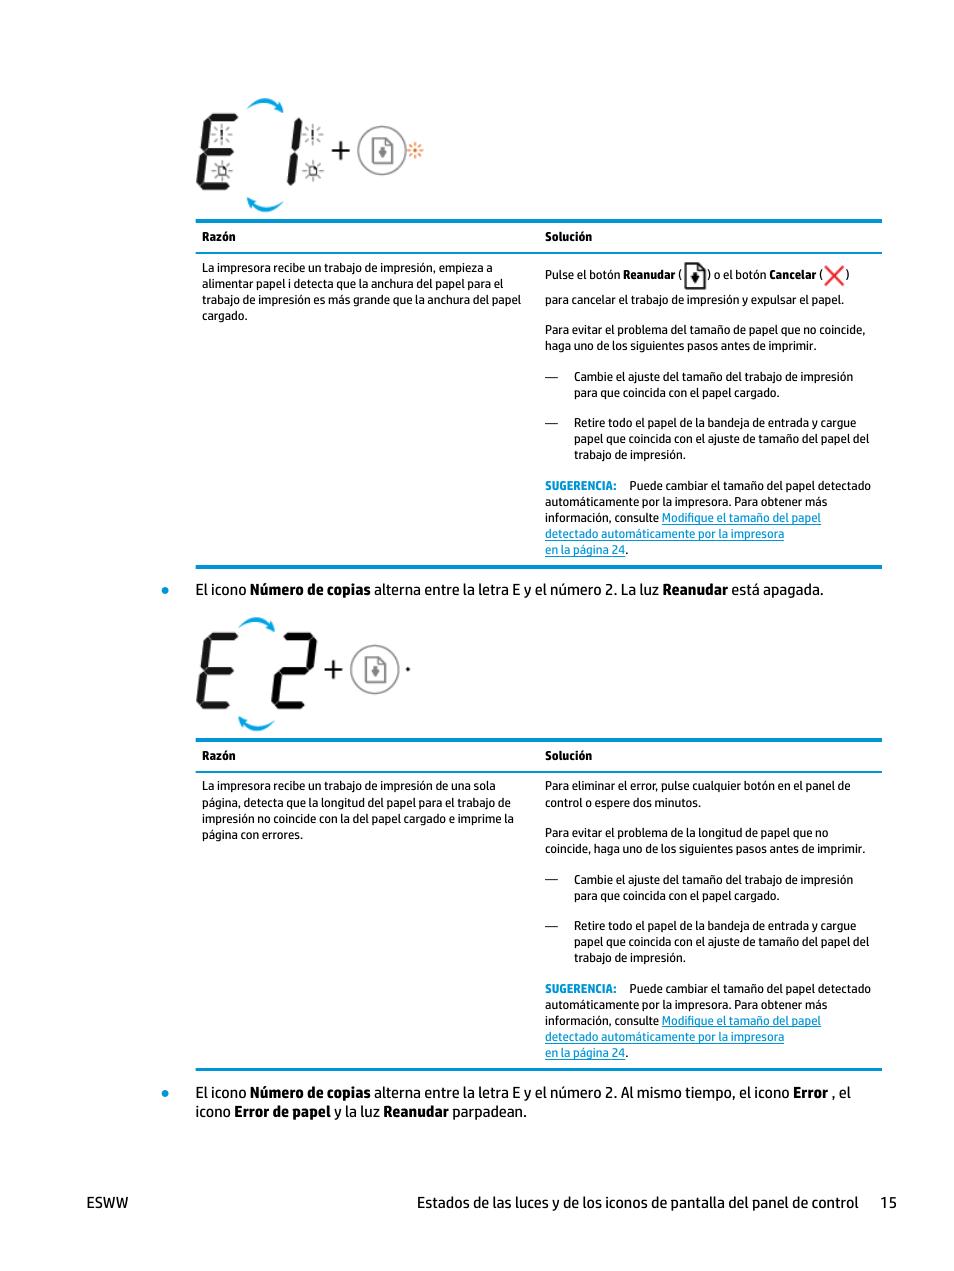 Dorable Reanudar Imprimir Papel Colección de Imágenes - Colección De ...